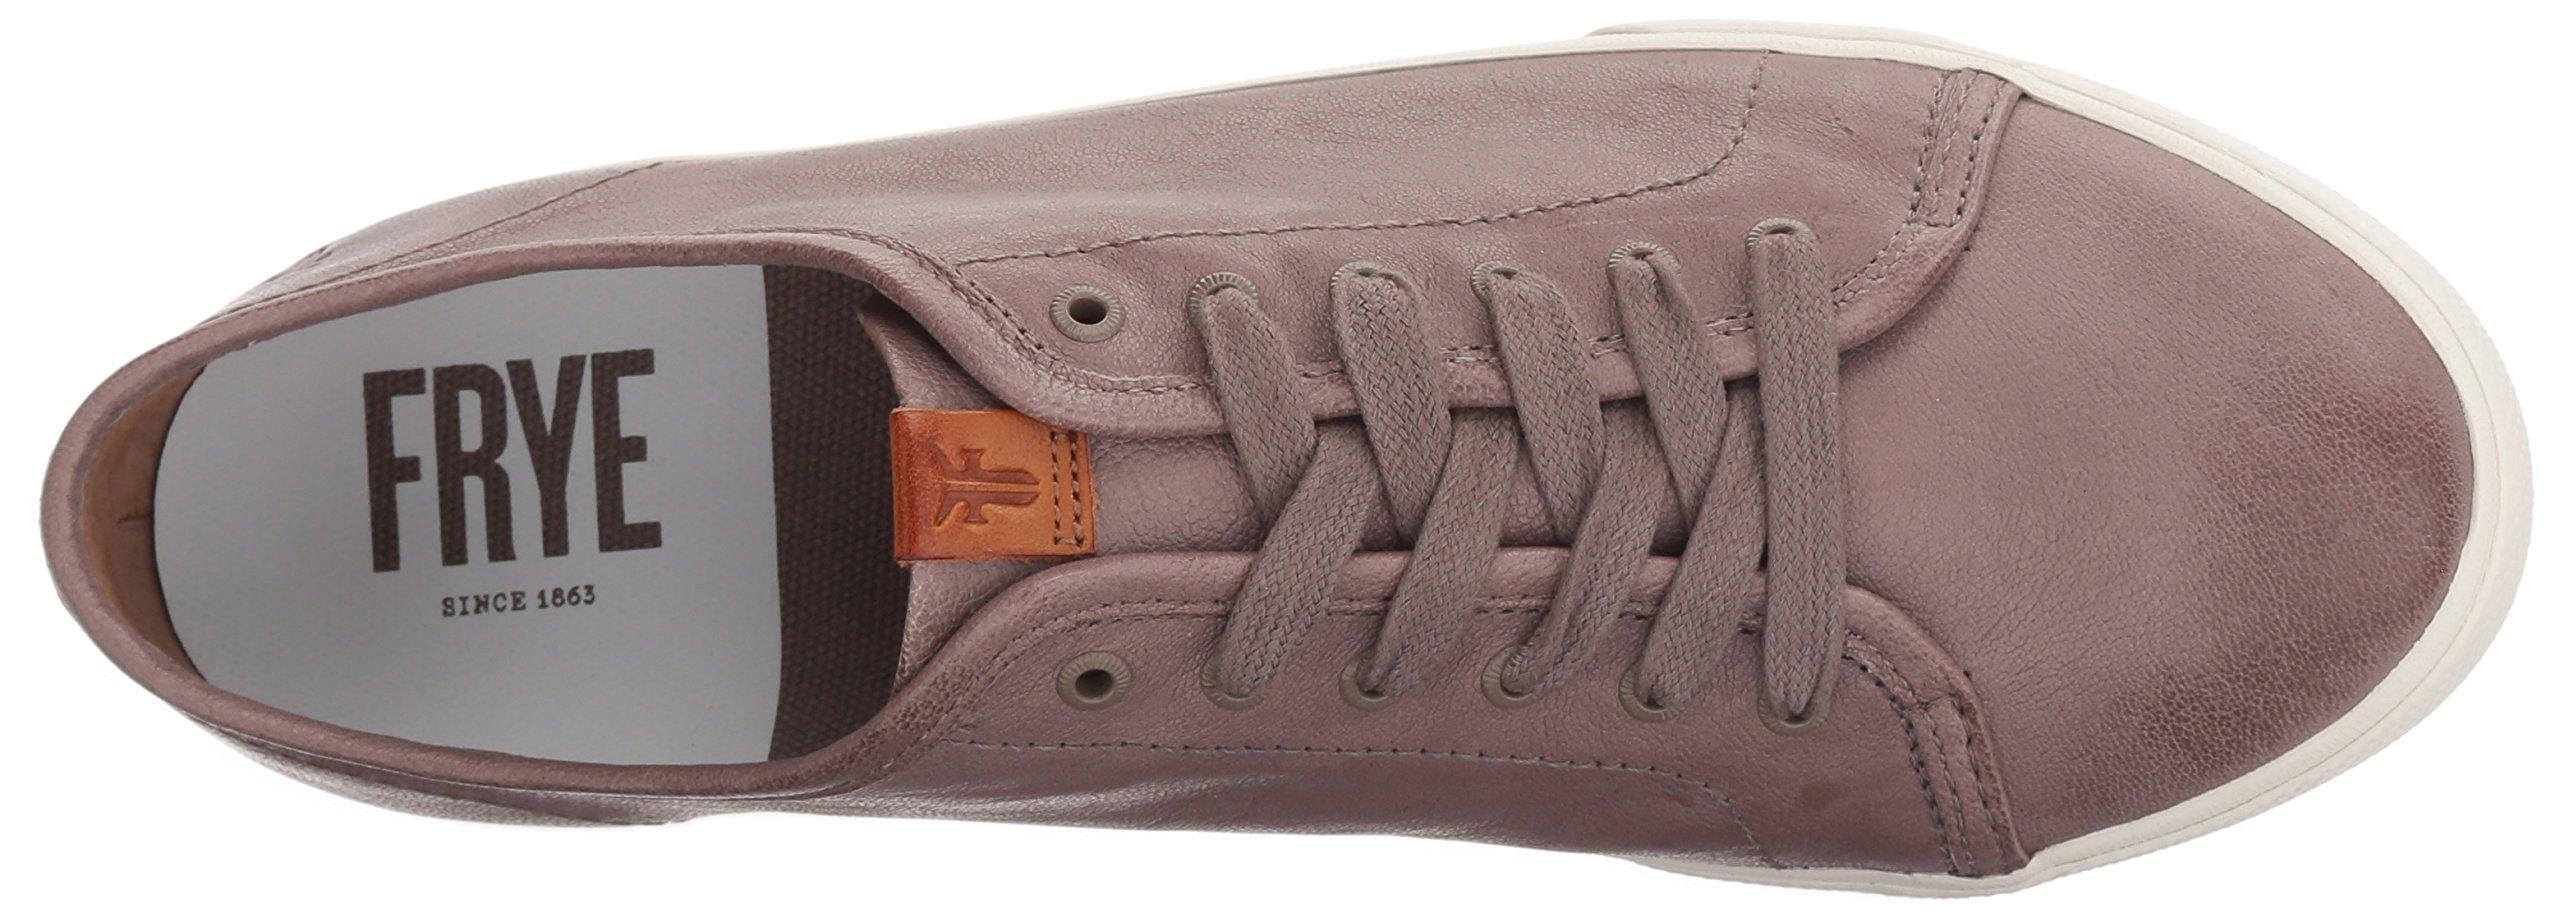 FRYE Women's Maya Low Lace Sneaker, Cement, 6.5 M US by FRYE (Image #8)